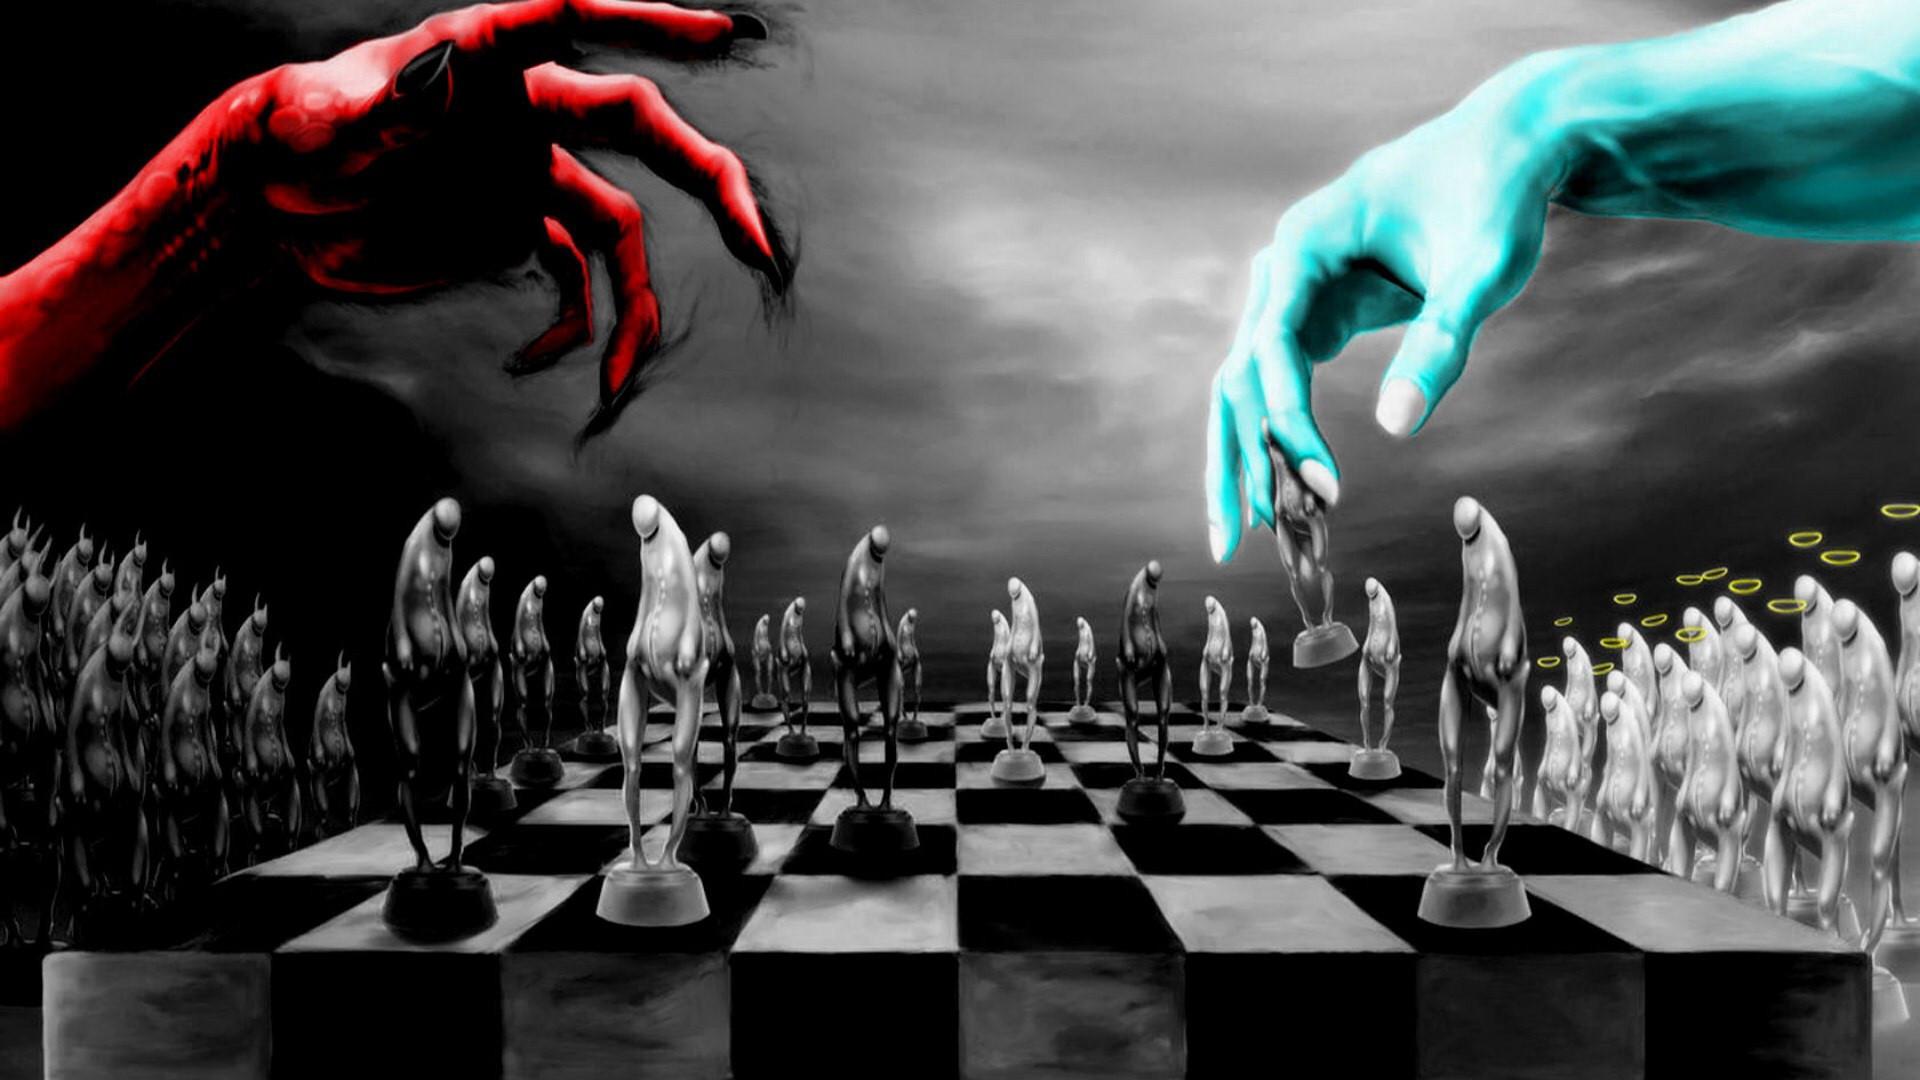 God vs devil [1920×1080] …